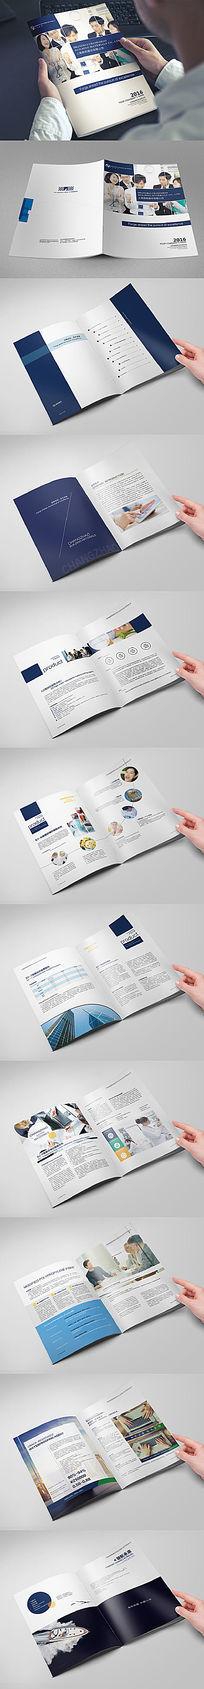 大气简洁企业公司宣传画册版式设计模板